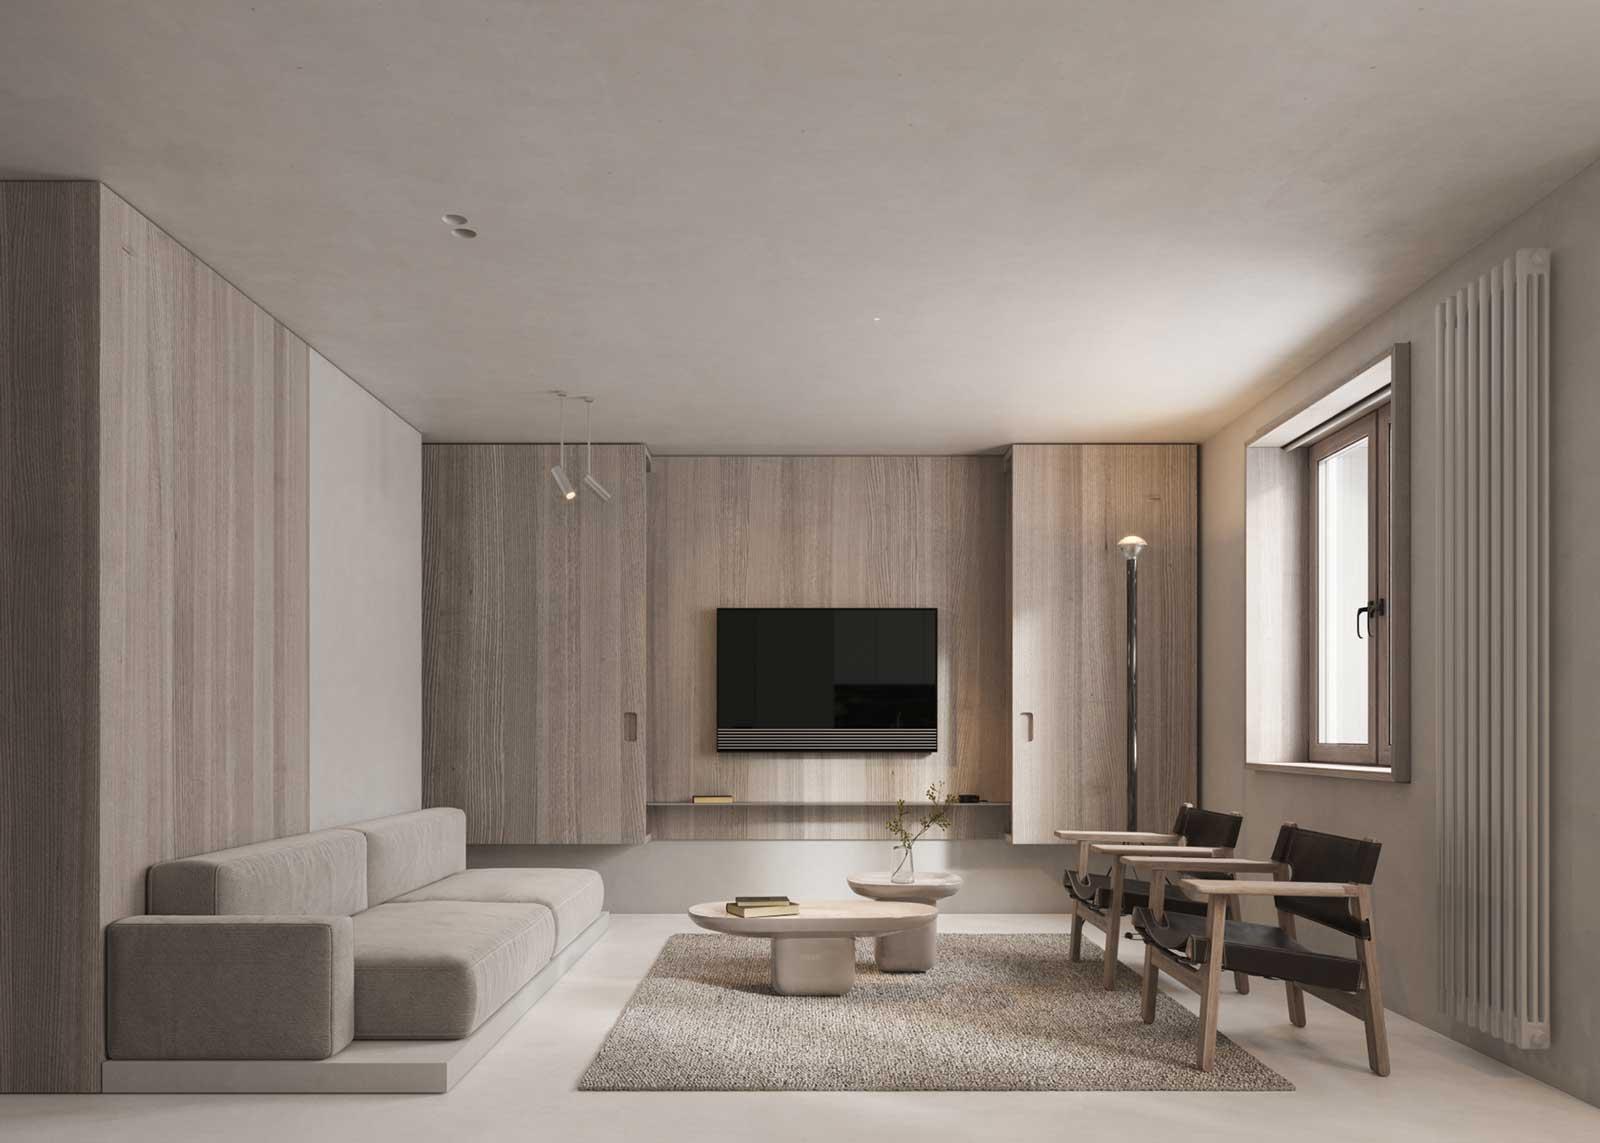 Dans un salon, une grande armoire murale fait office de meuble télé lorsque ses portes sont ouvertes